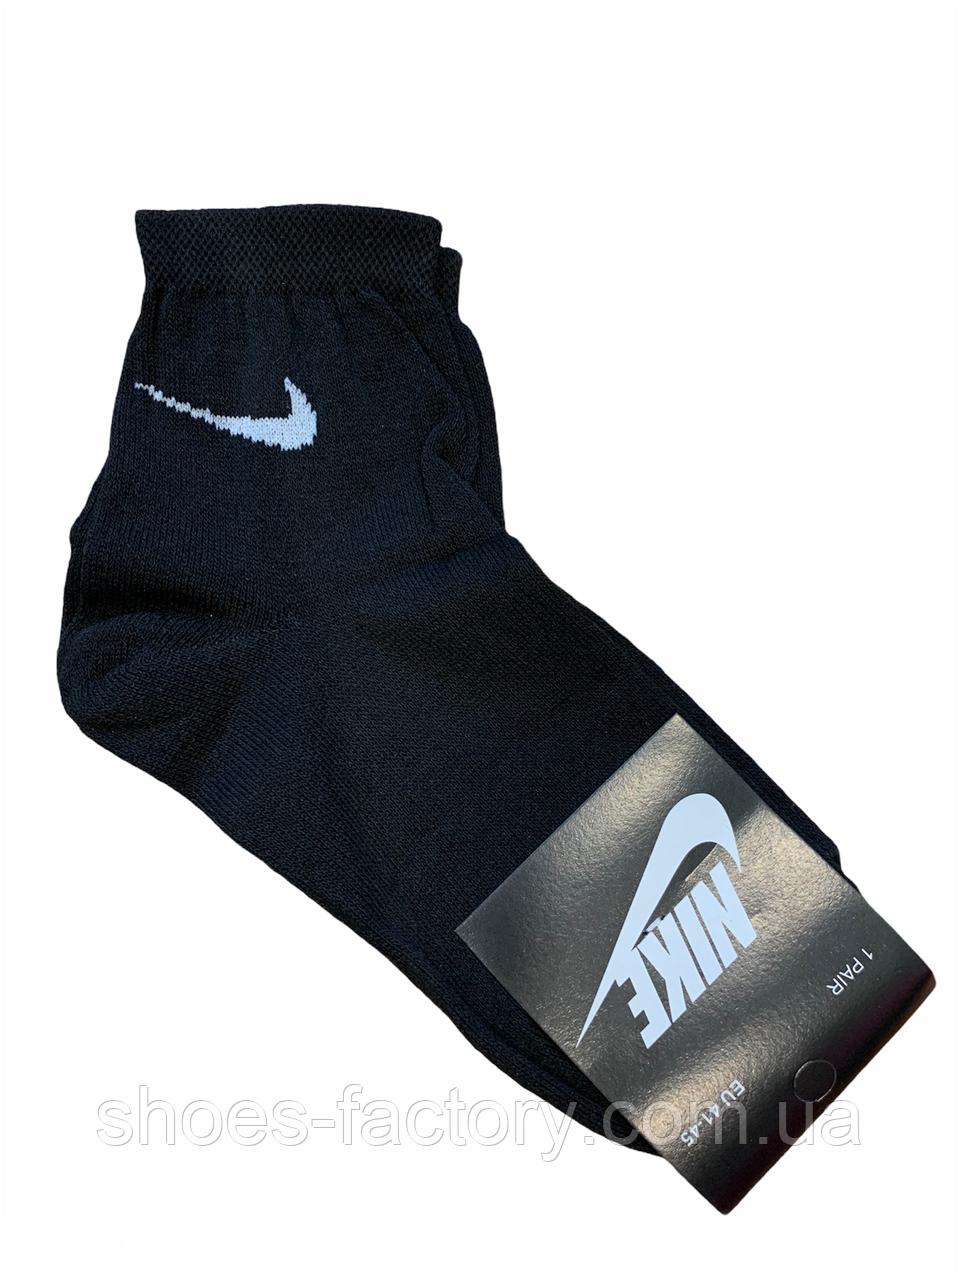 Чоловічі шкарпетки Nike, Black